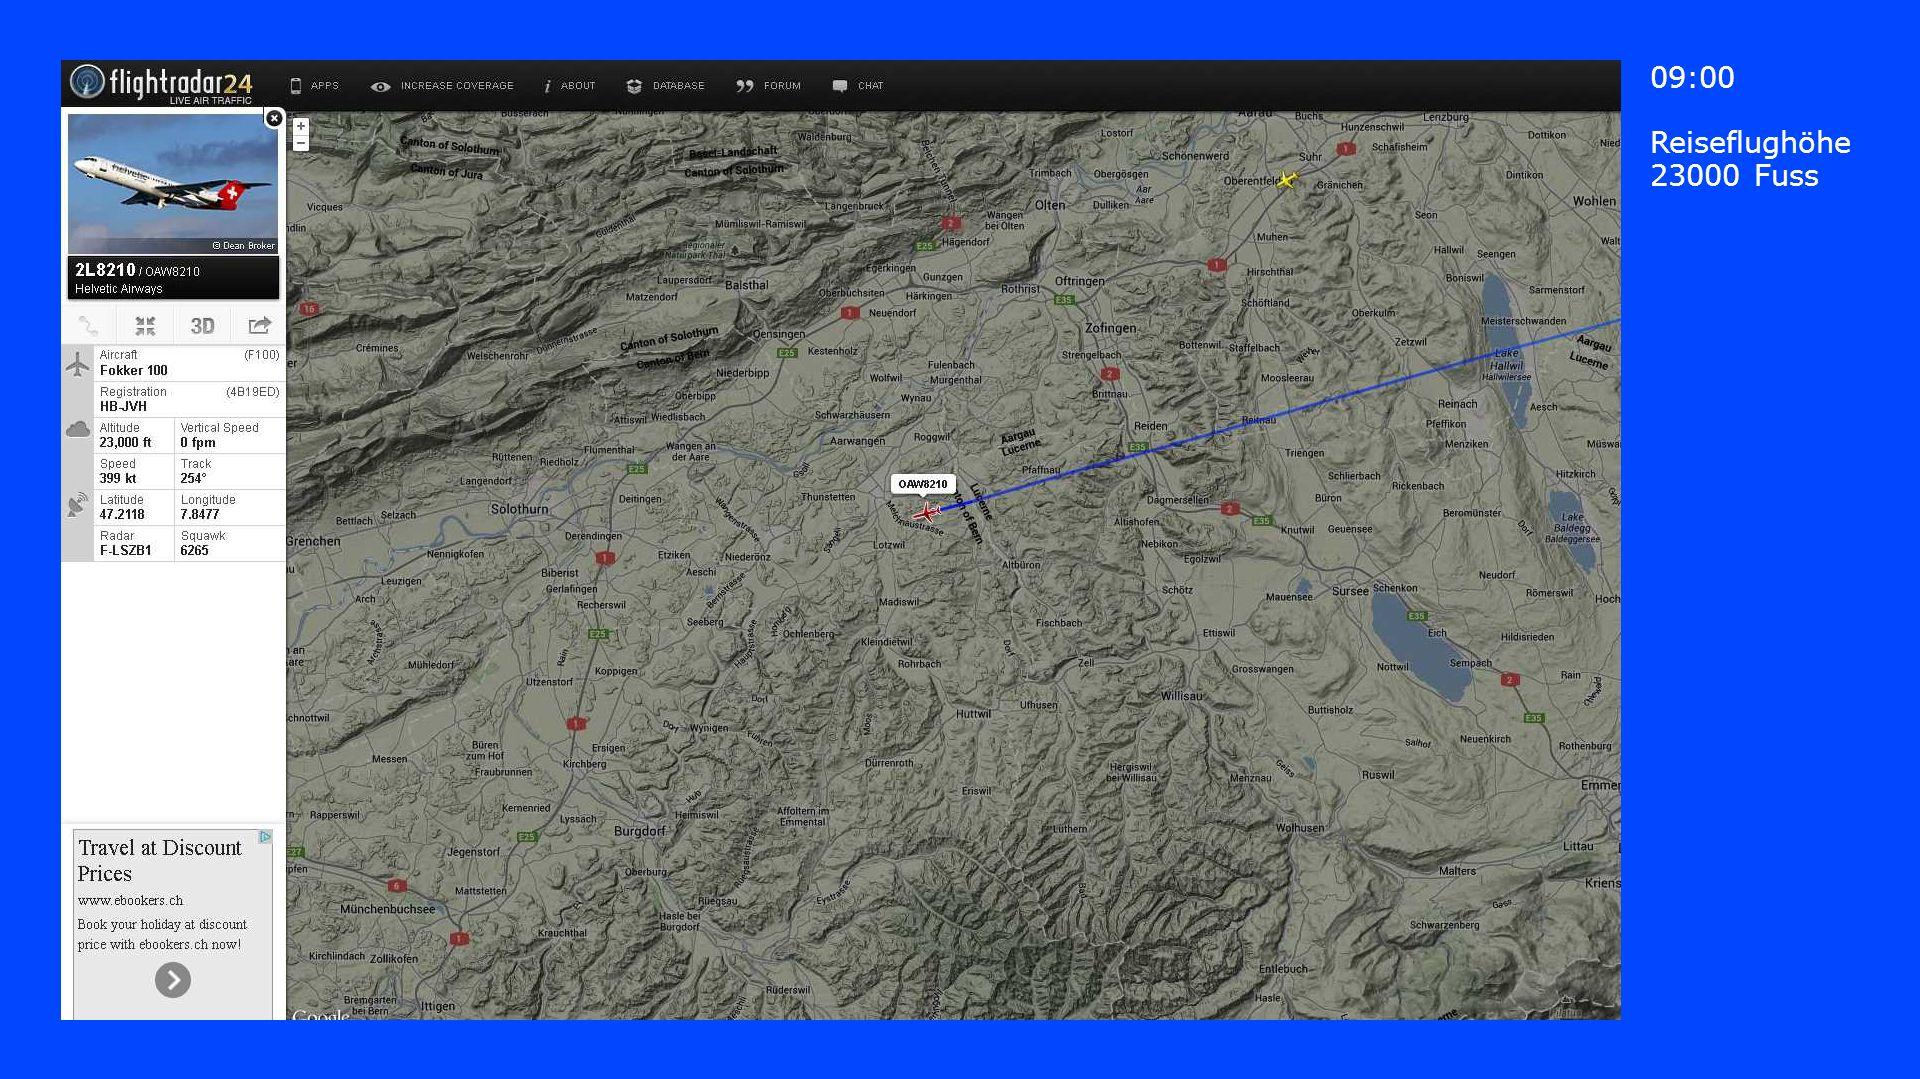 09:00 Reiseflughöhe 23000 Fuss